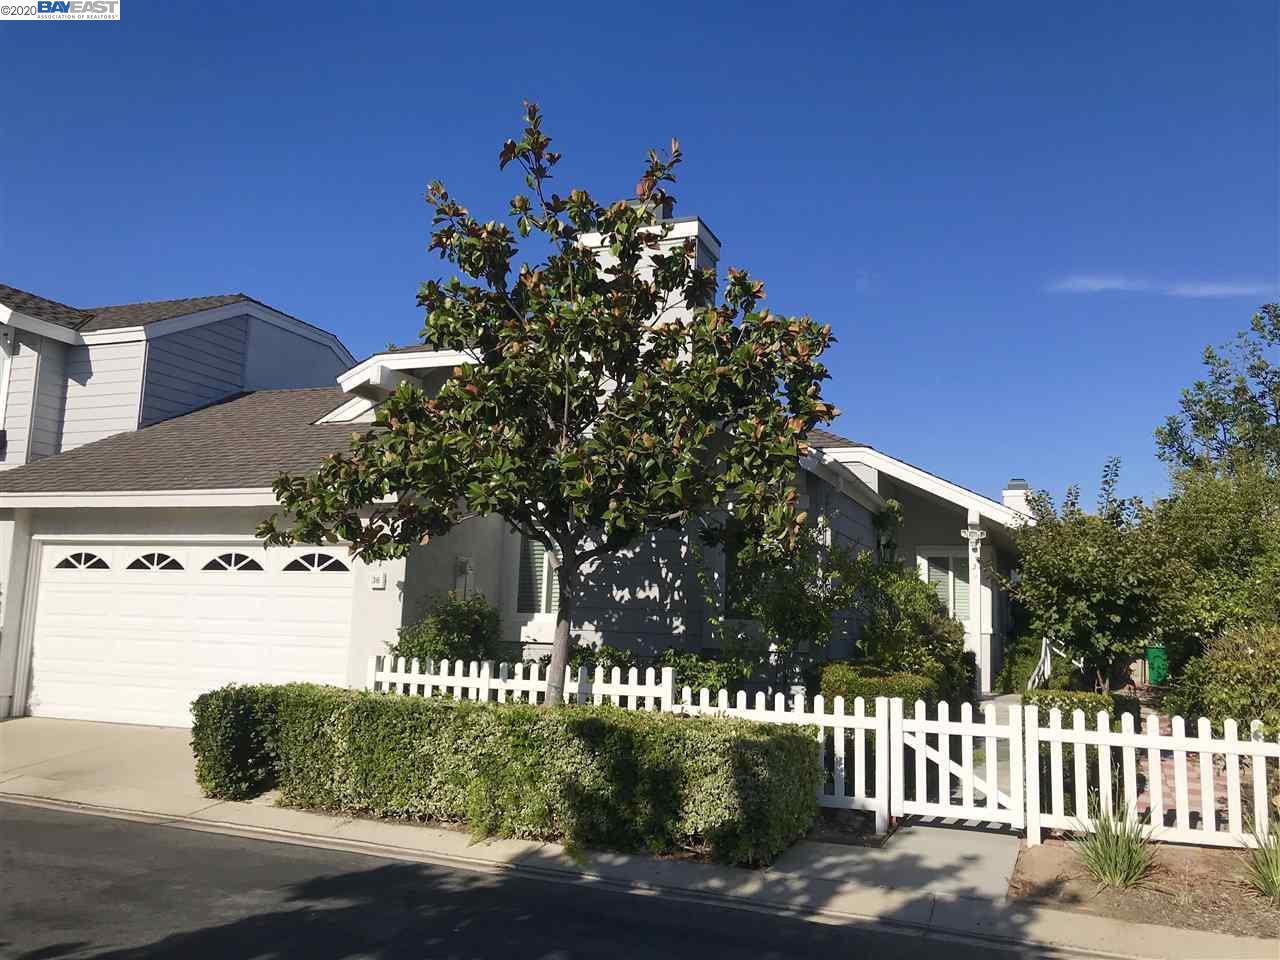 36 Autumnleaf Irvine, CA 92614-7597